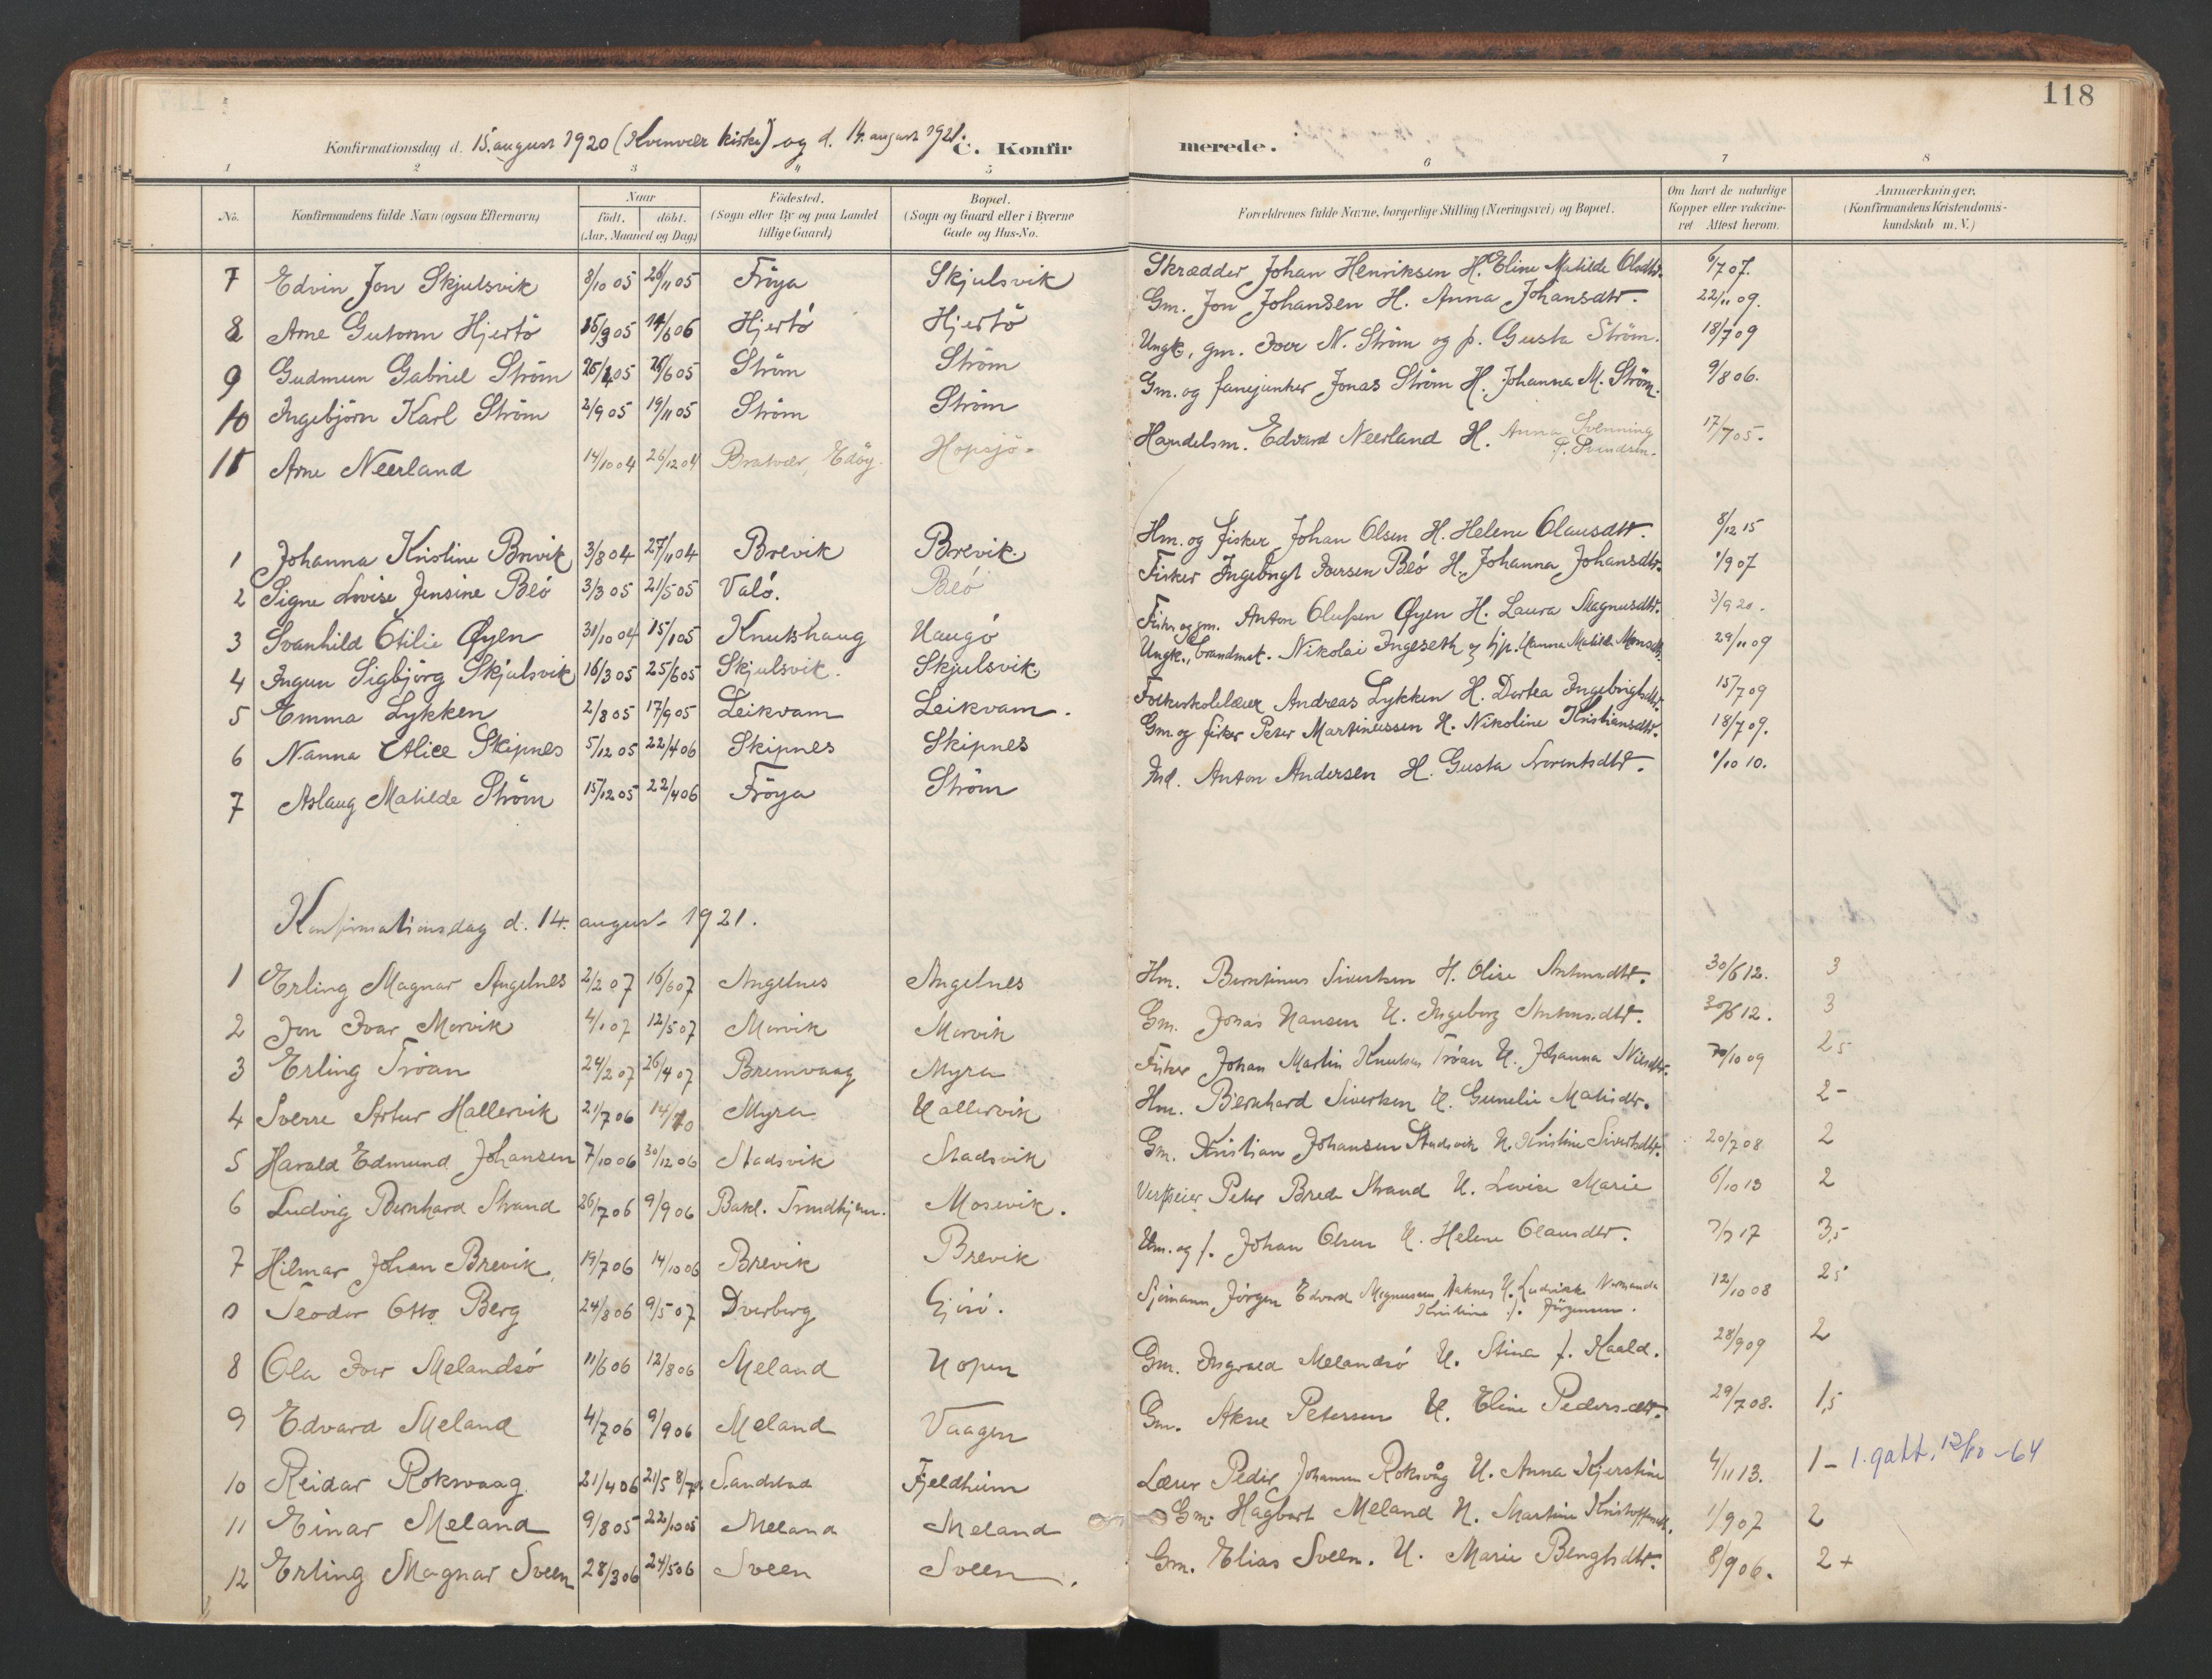 SAT, Ministerialprotokoller, klokkerbøker og fødselsregistre - Sør-Trøndelag, 634/L0537: Ministerialbok nr. 634A13, 1896-1922, s. 118